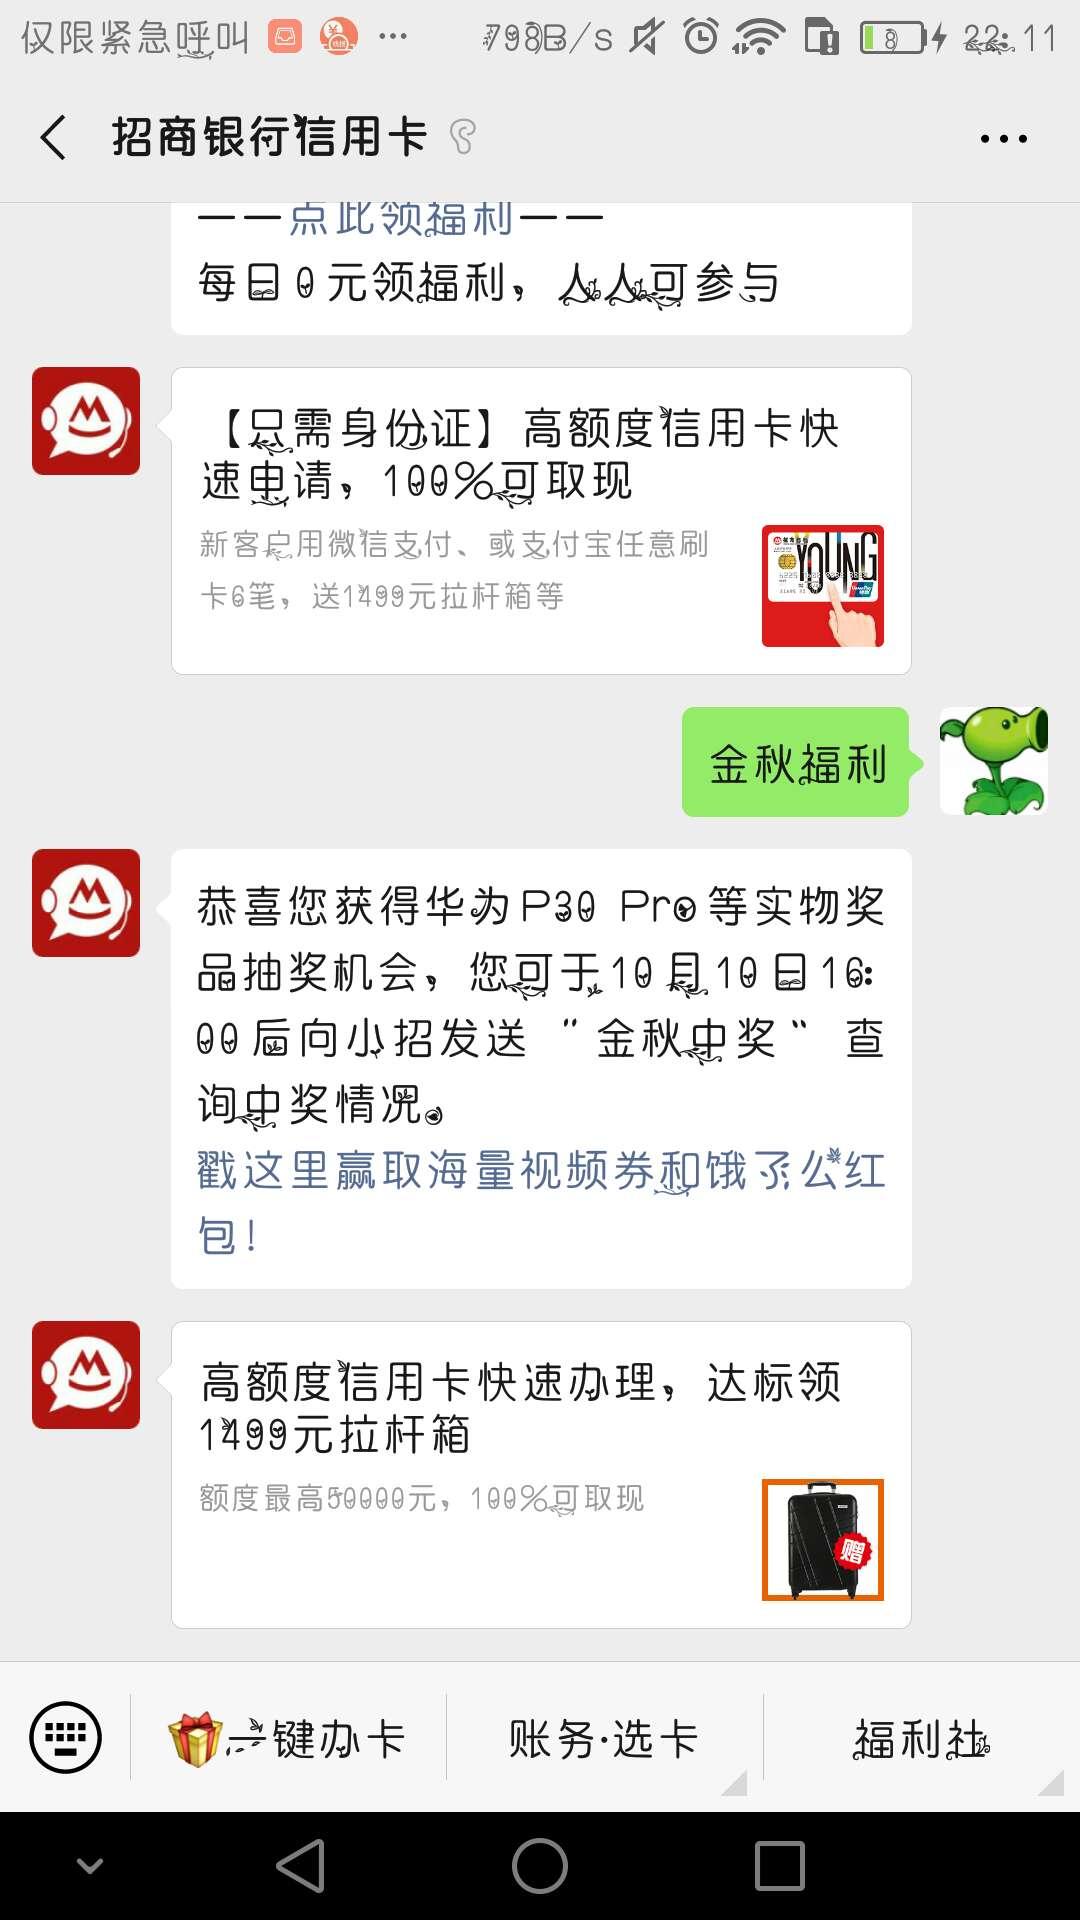 【虚拟物品】关注招商银行信用卡回复抽视频会员月卡!-100tui.cn